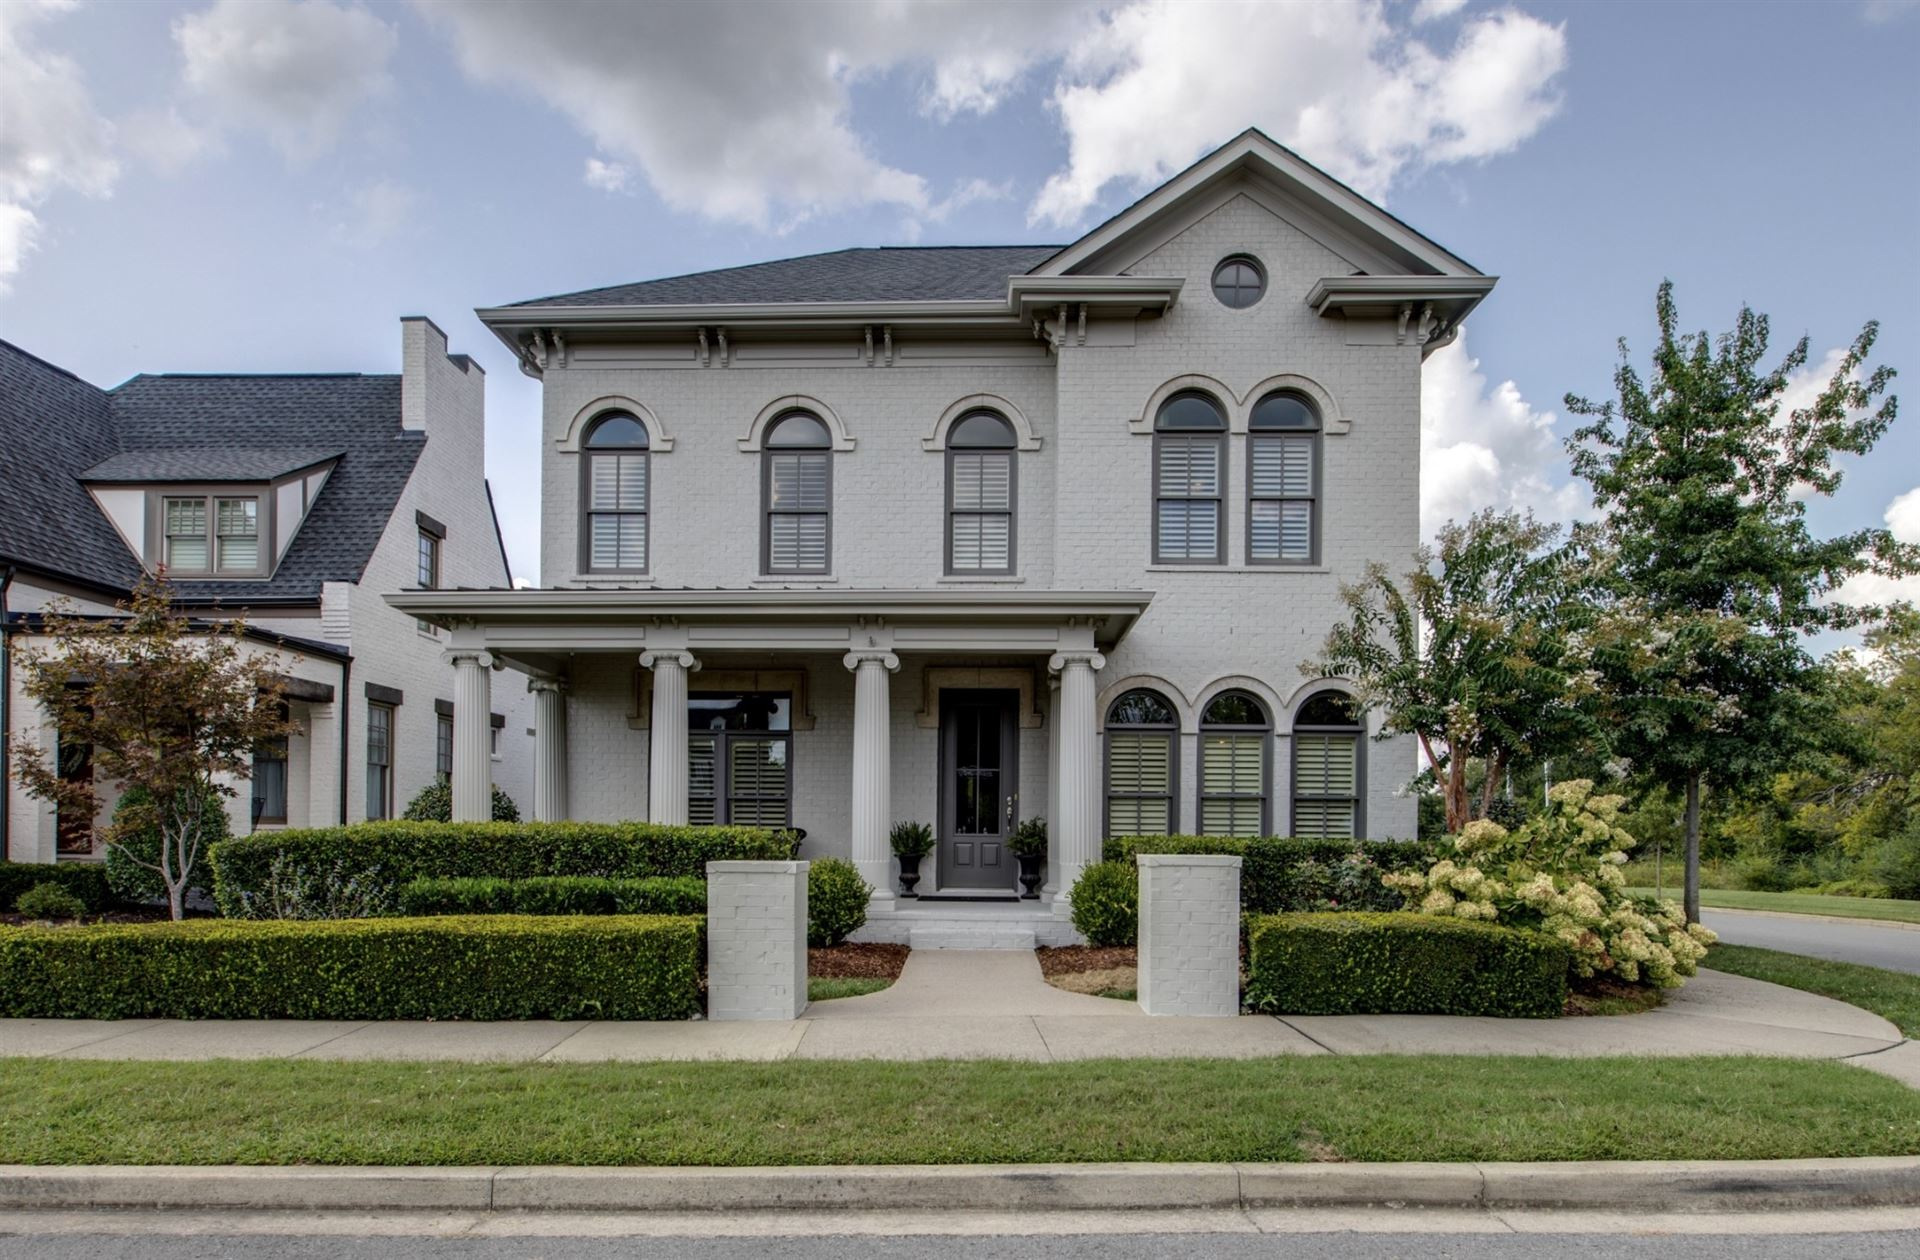 102 Fitzgerald St, Franklin, TN 37064 - MLS#: 2196315